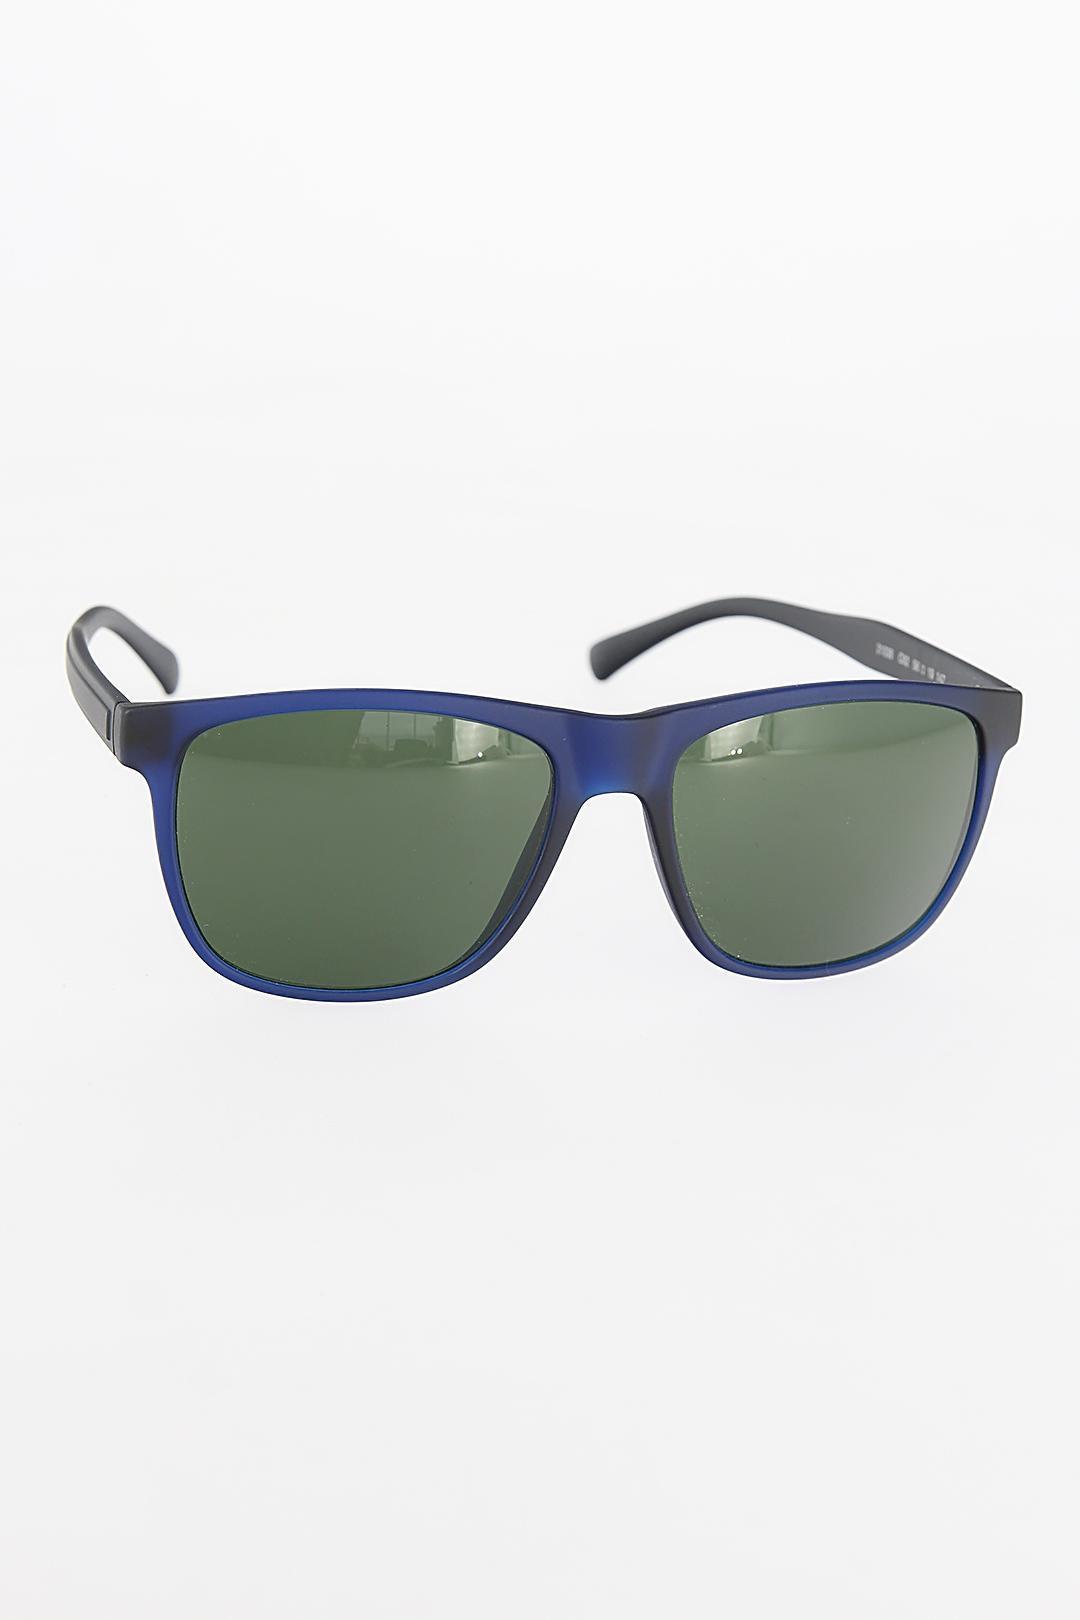 نظارات شمسية بإطار مربع كحلي رجالي